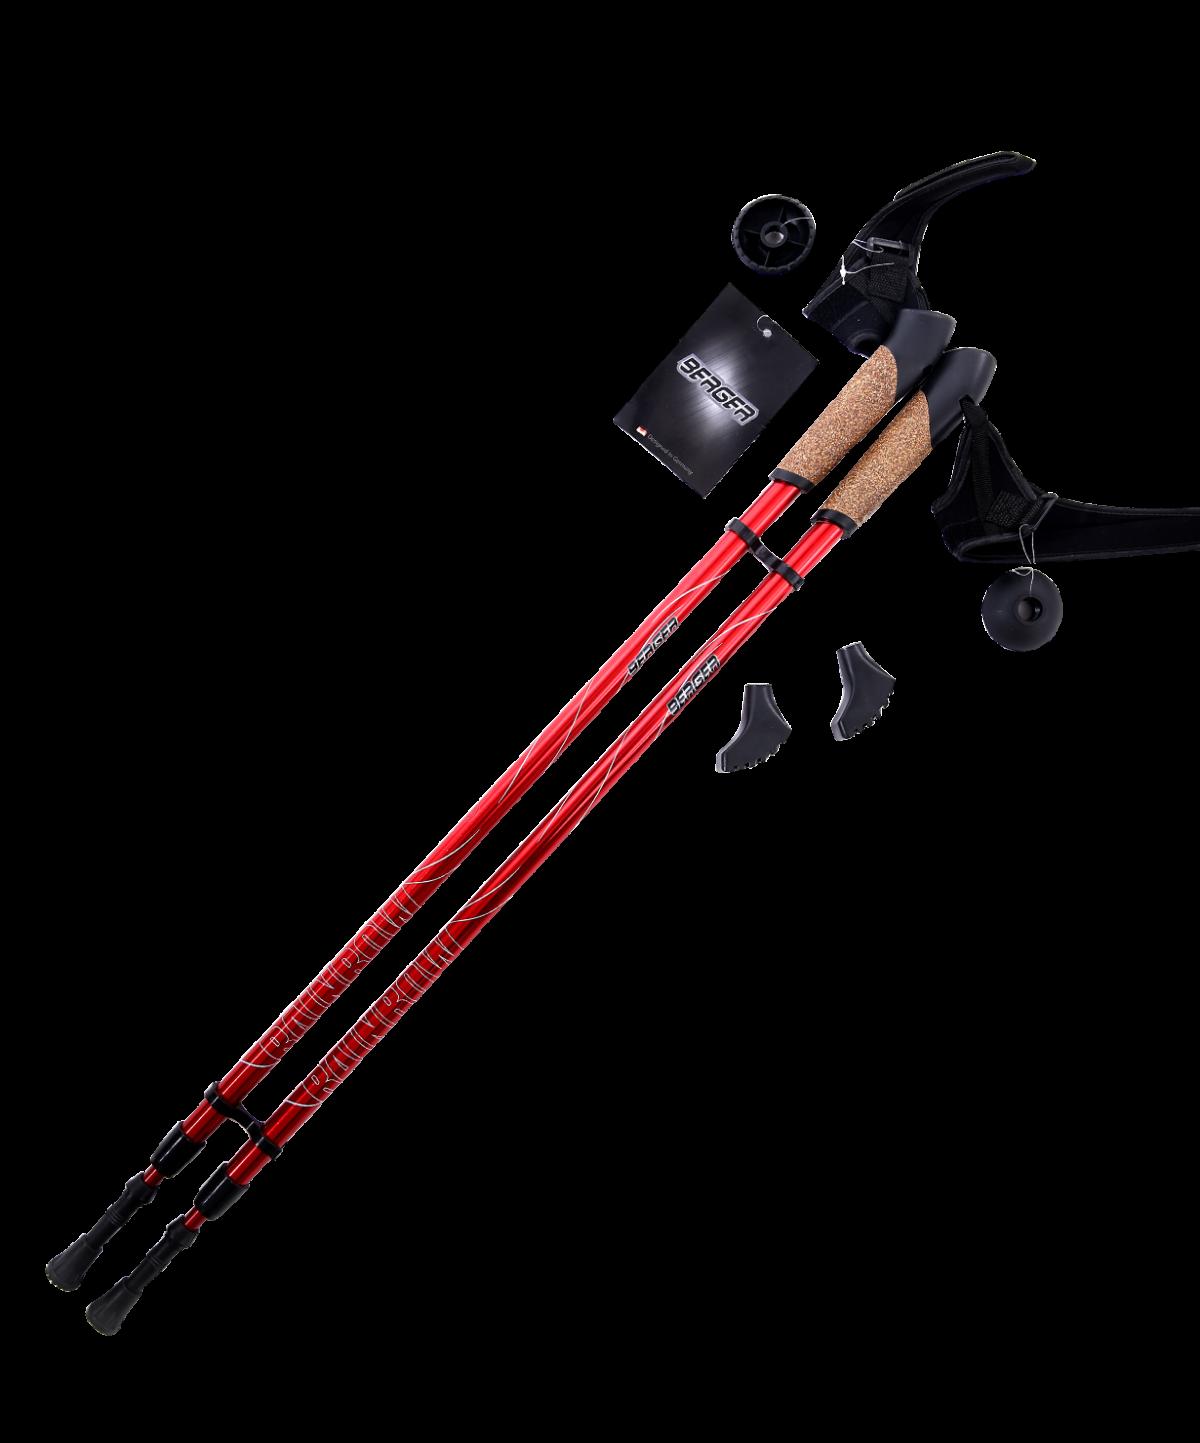 BERGER Rainbow Палки для скандинавской ходьбы 2-х секционные, 86-140см.: красный - 1